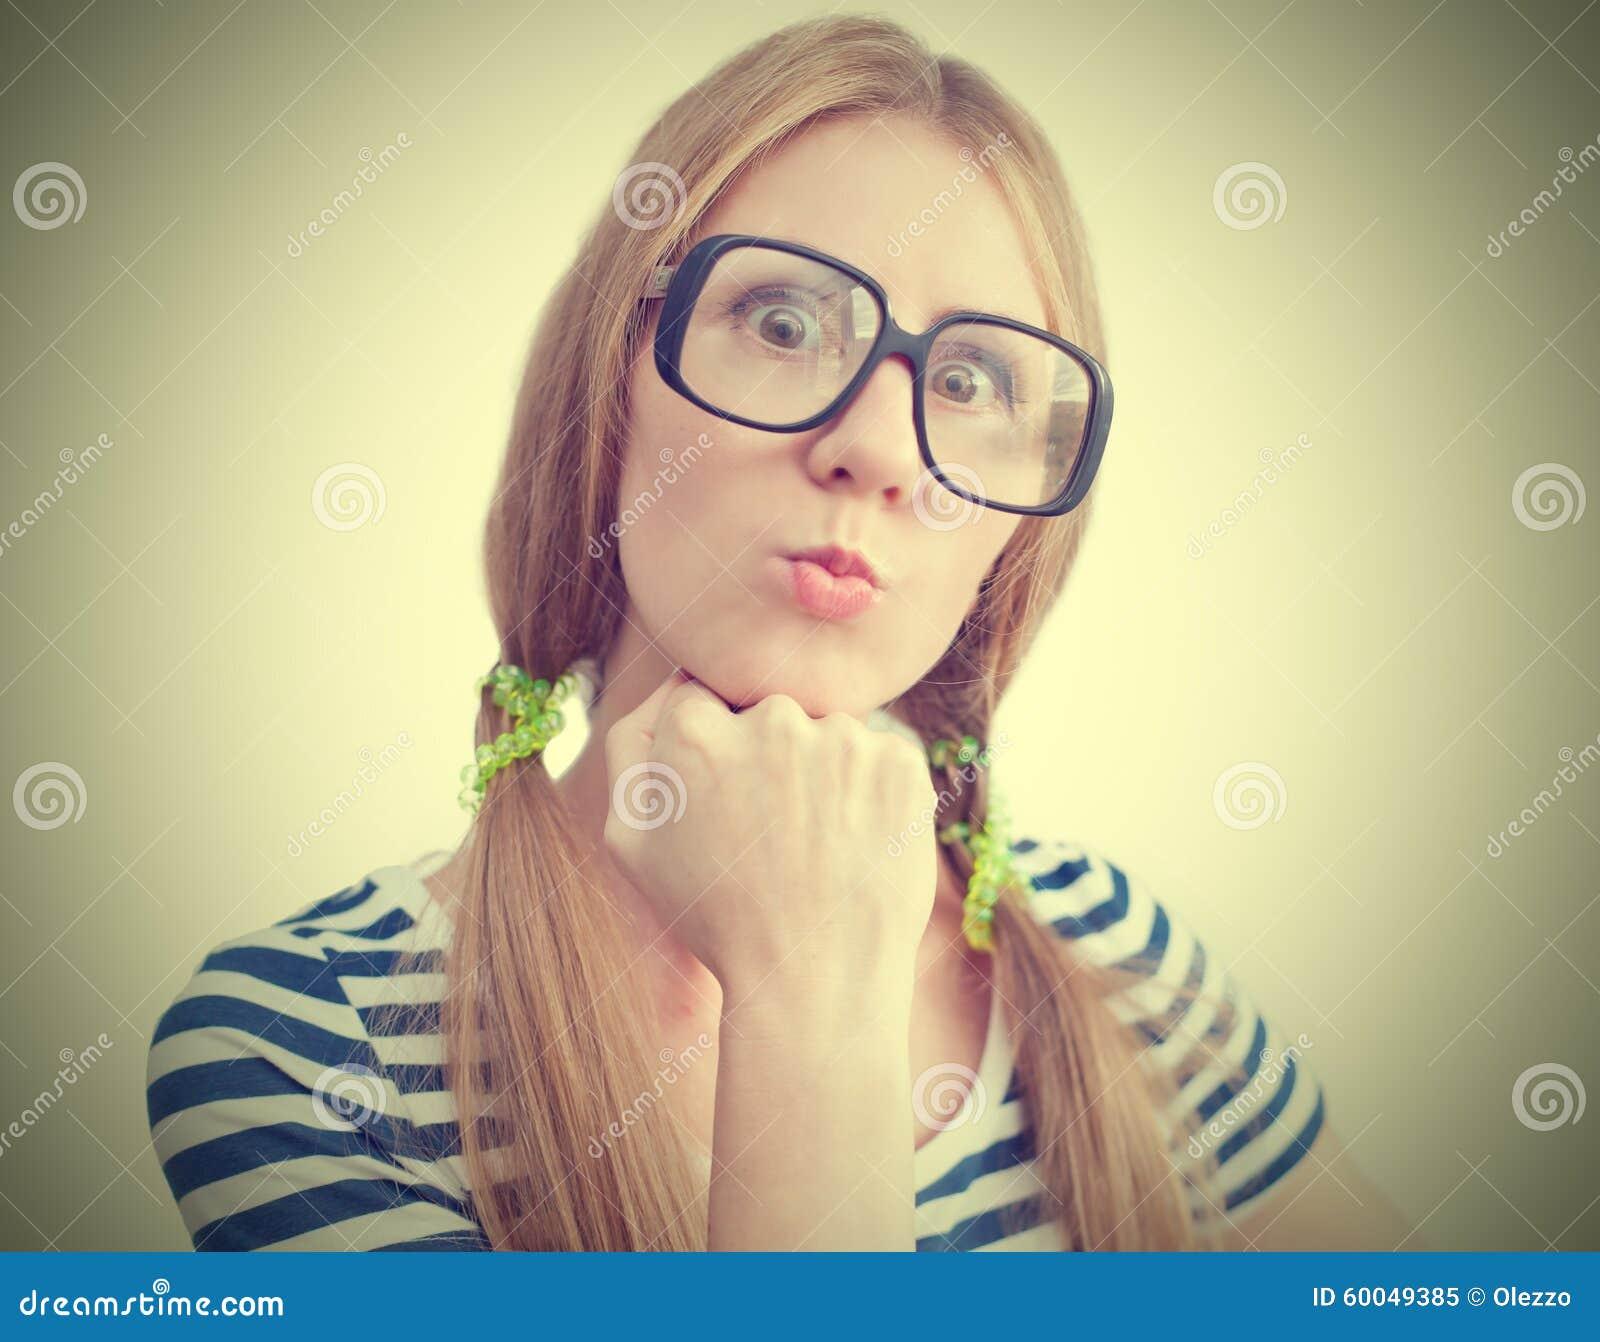 0442b6556f Αστεία νέα γυναίκα με τα γυαλιά Στοκ Εικόνα - εικόνα από παλαιός ...